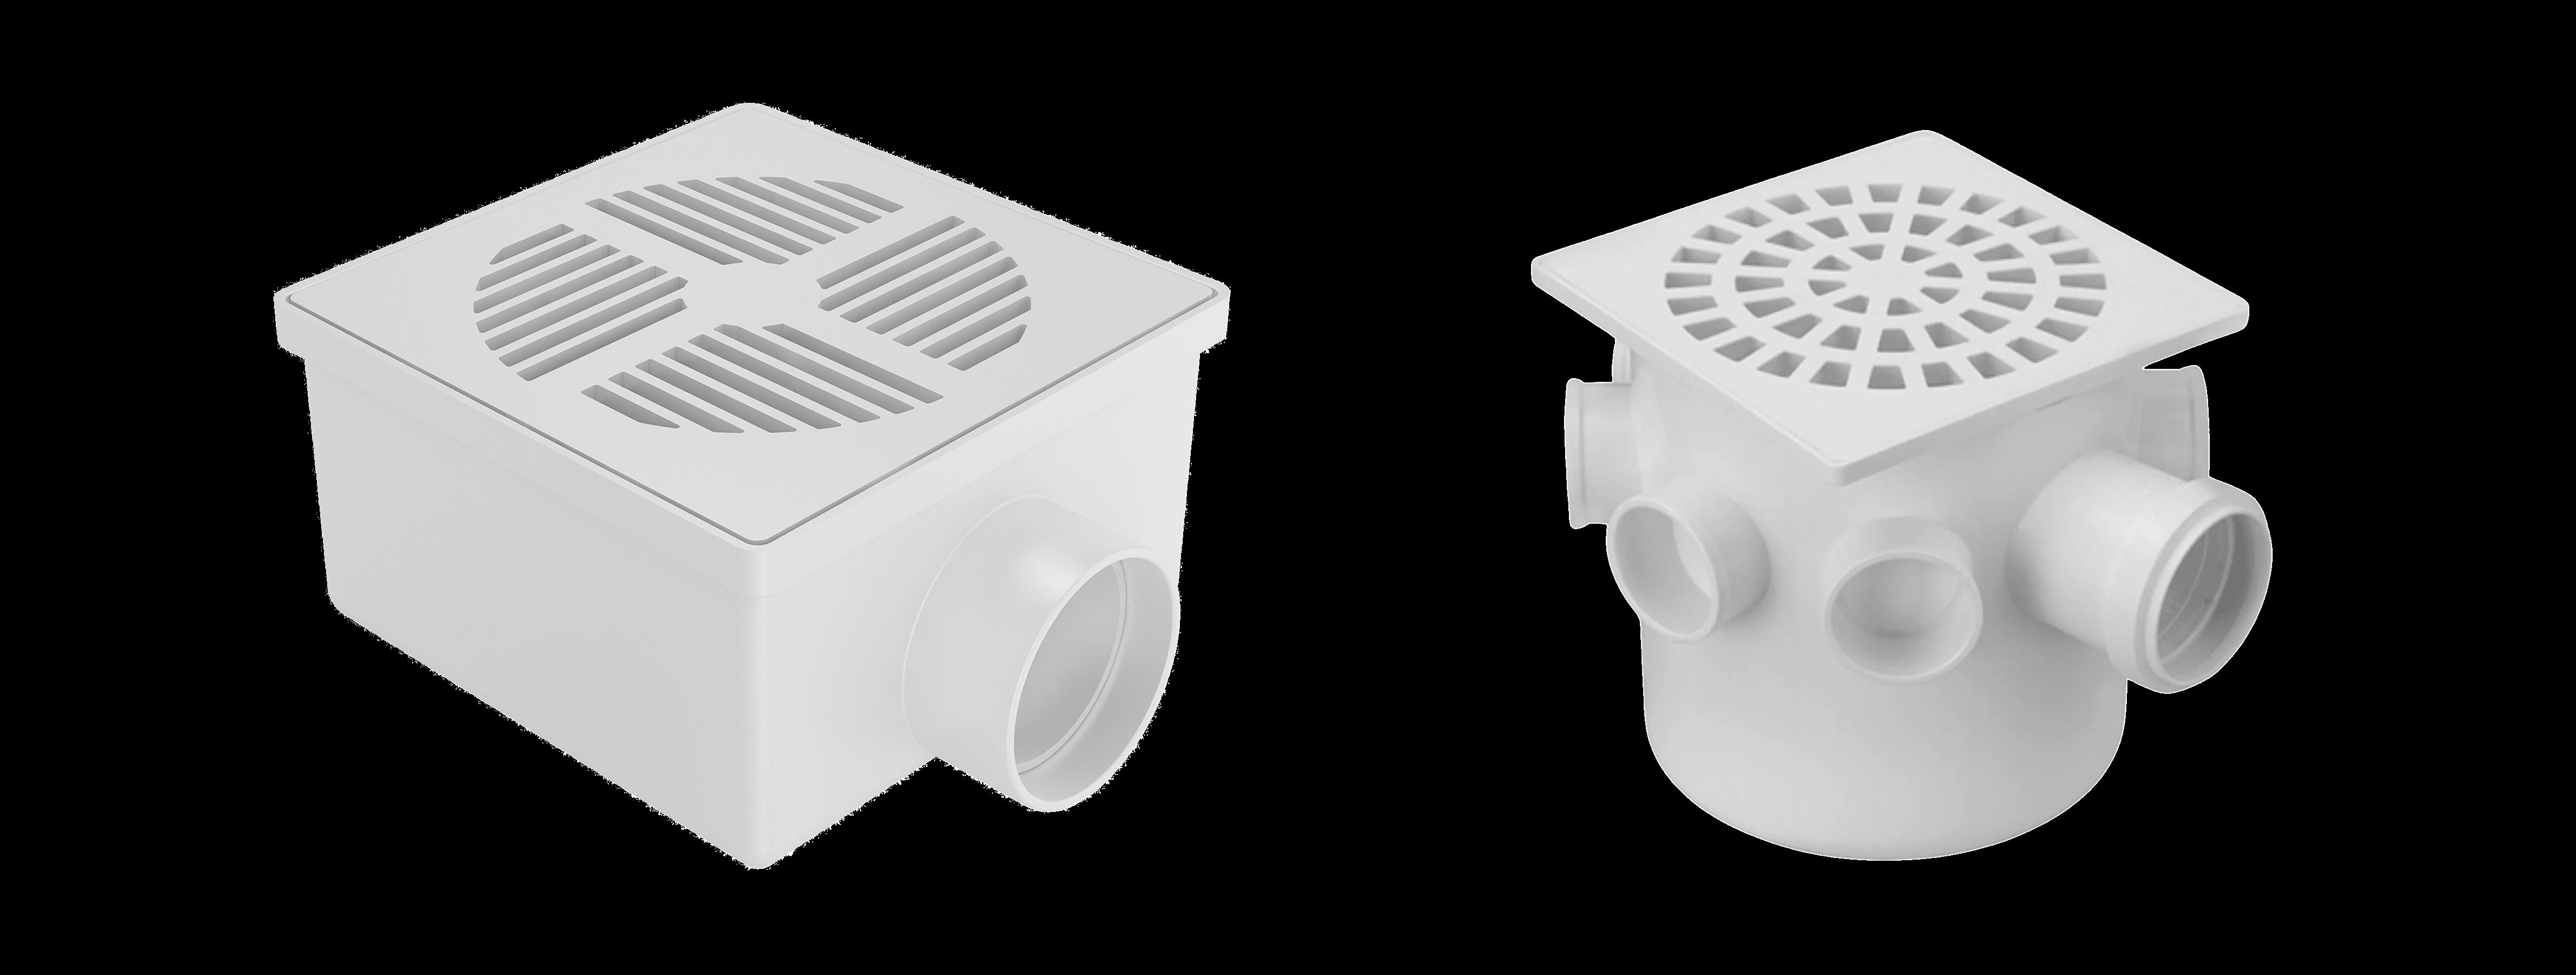 ralo-sifonado-caixa-hidraulica-agua-encanamento-preto